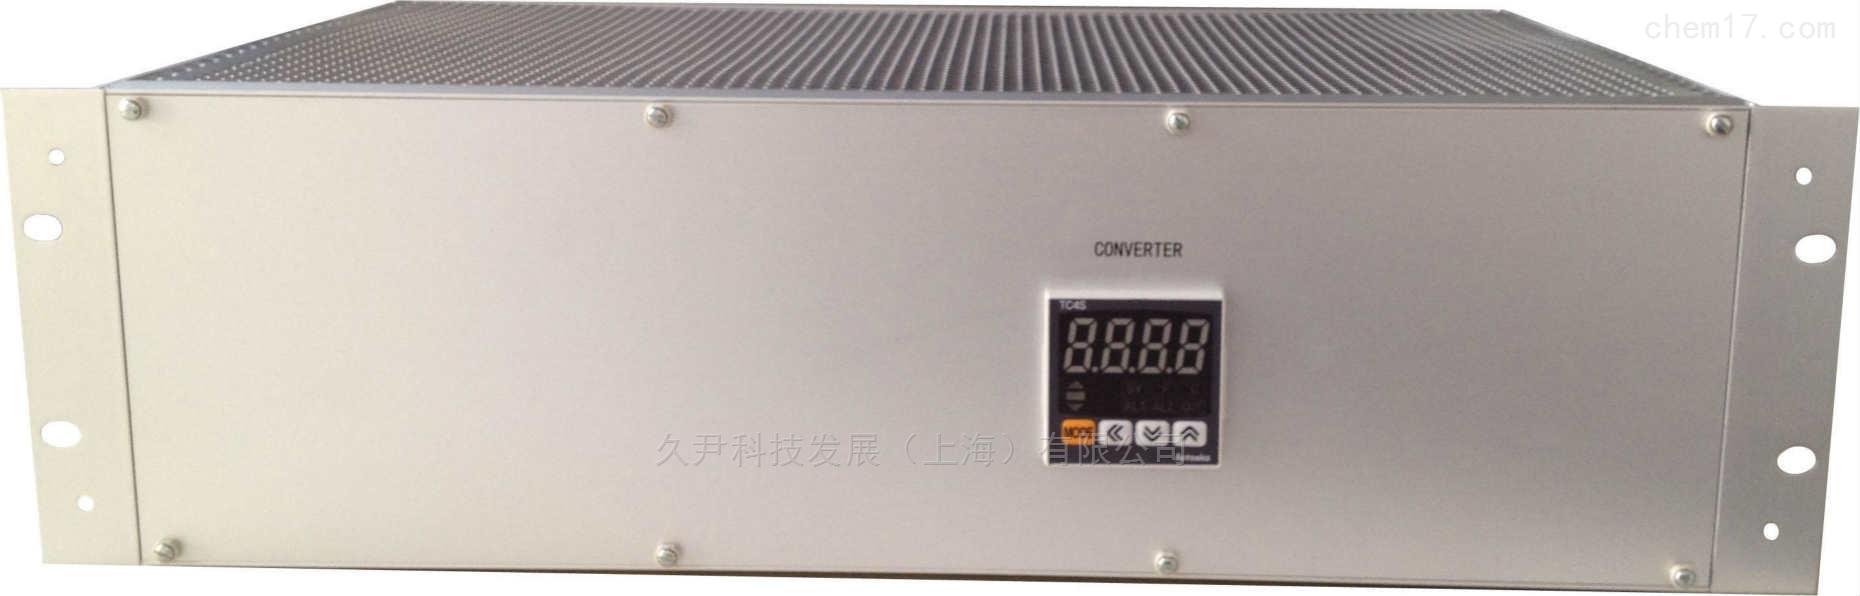 上海NOX催化器厂家直销